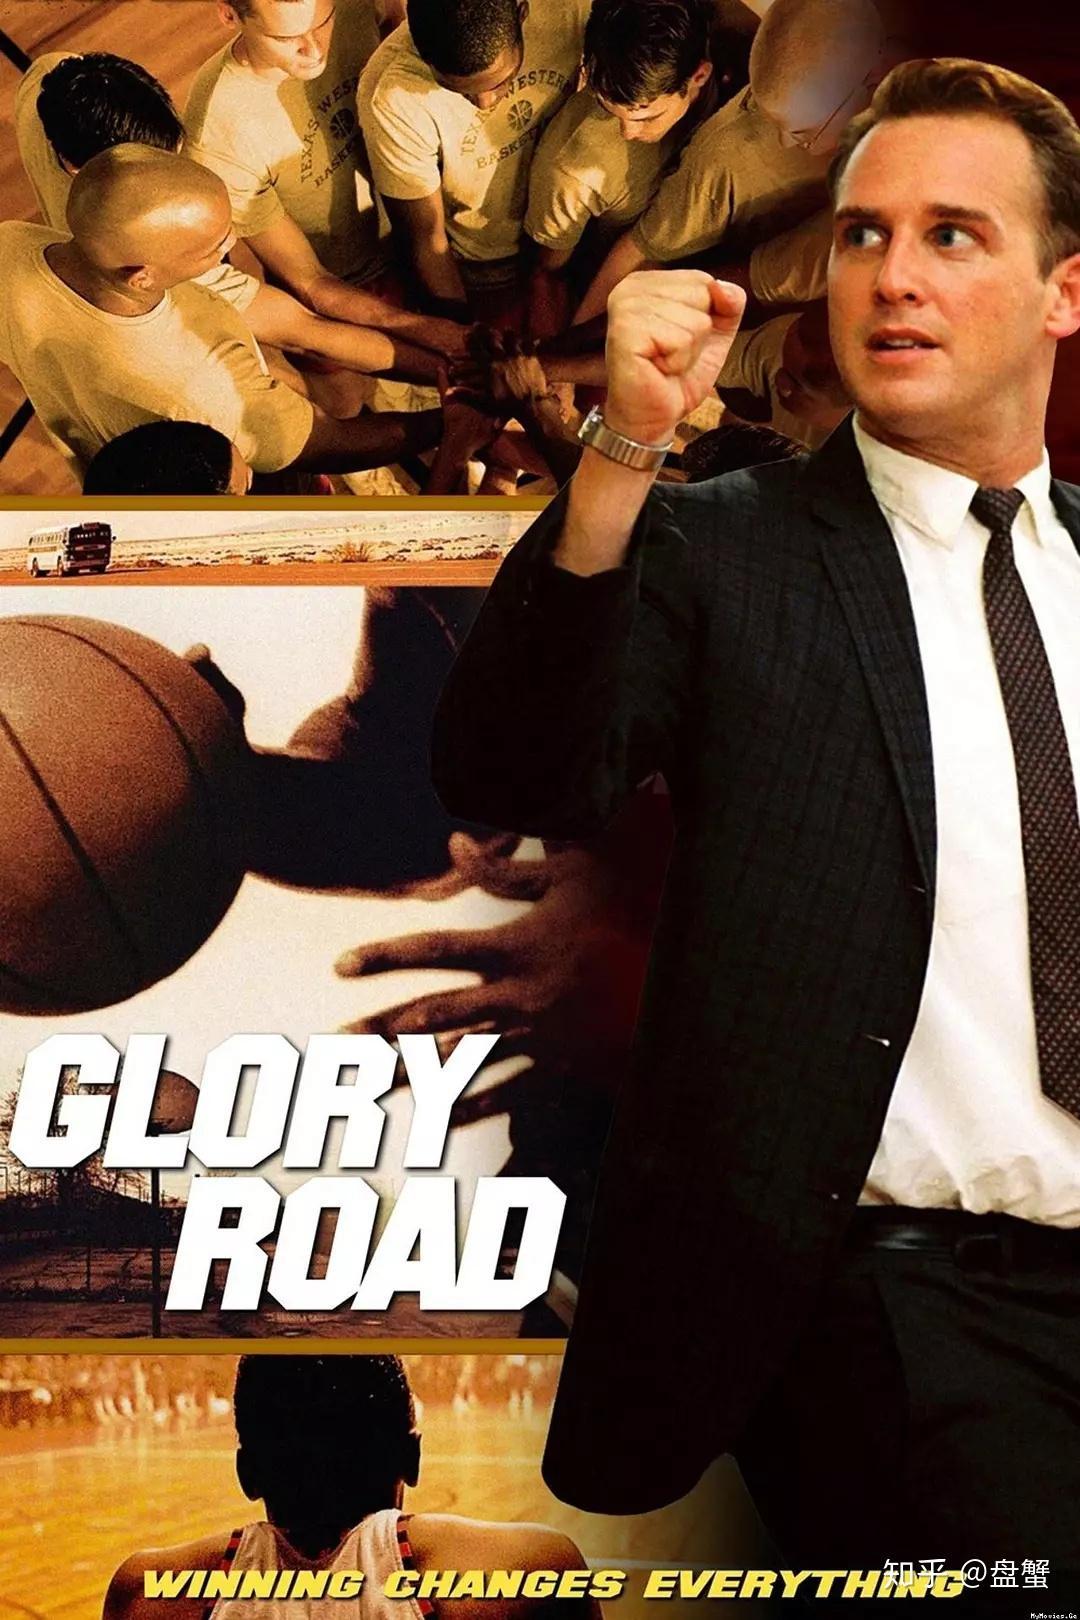 光荣之路_关于篮球的十大电影,超爱第3部 - 知乎